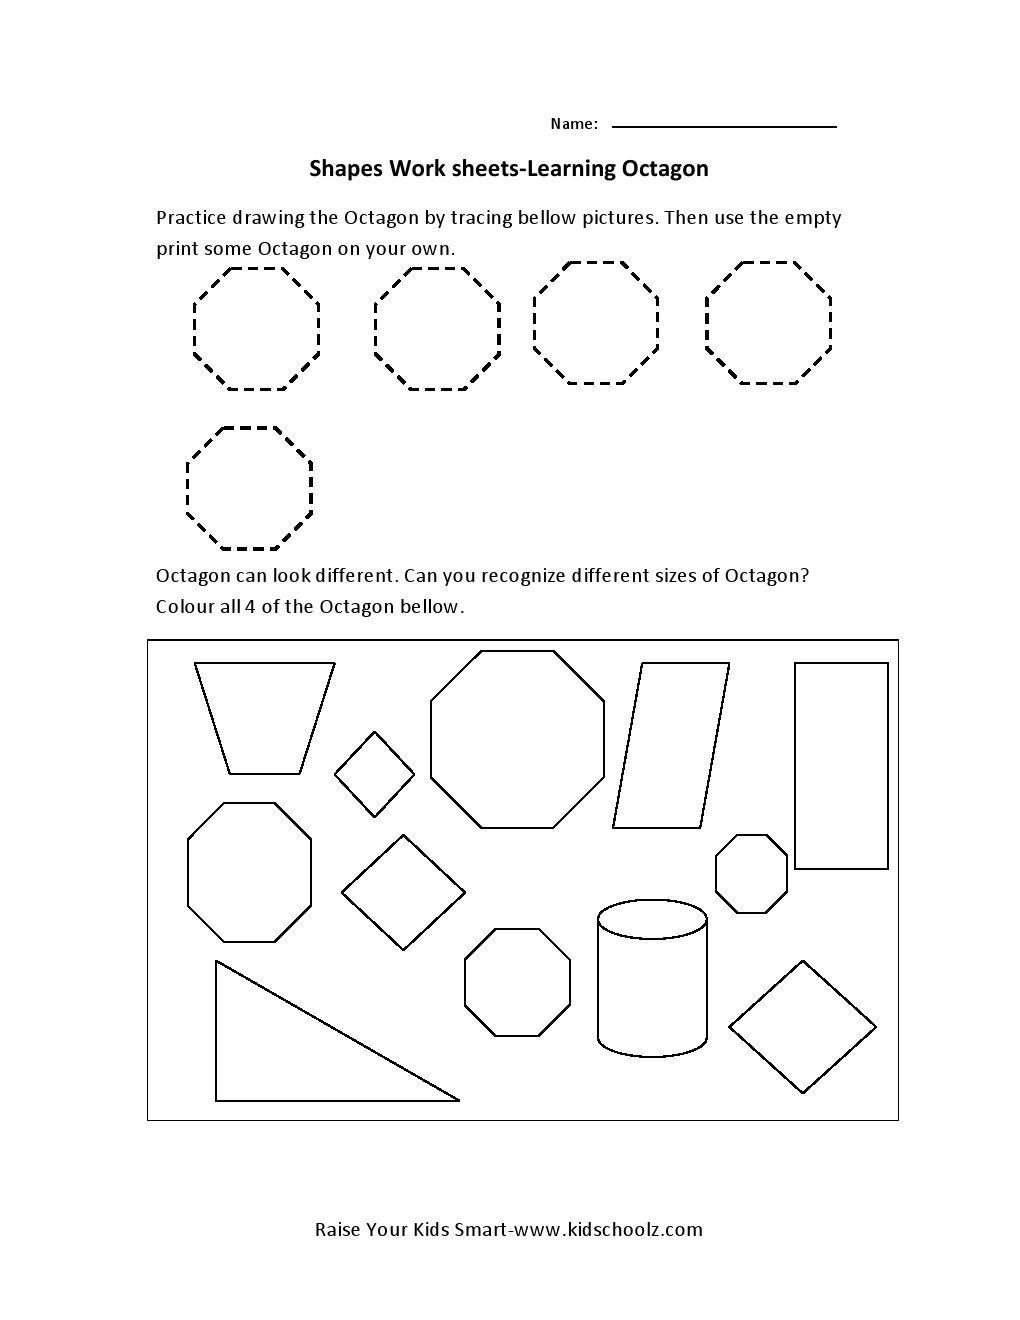 Learning Shapes Worksheets – Octagon | Preschool Worksheets